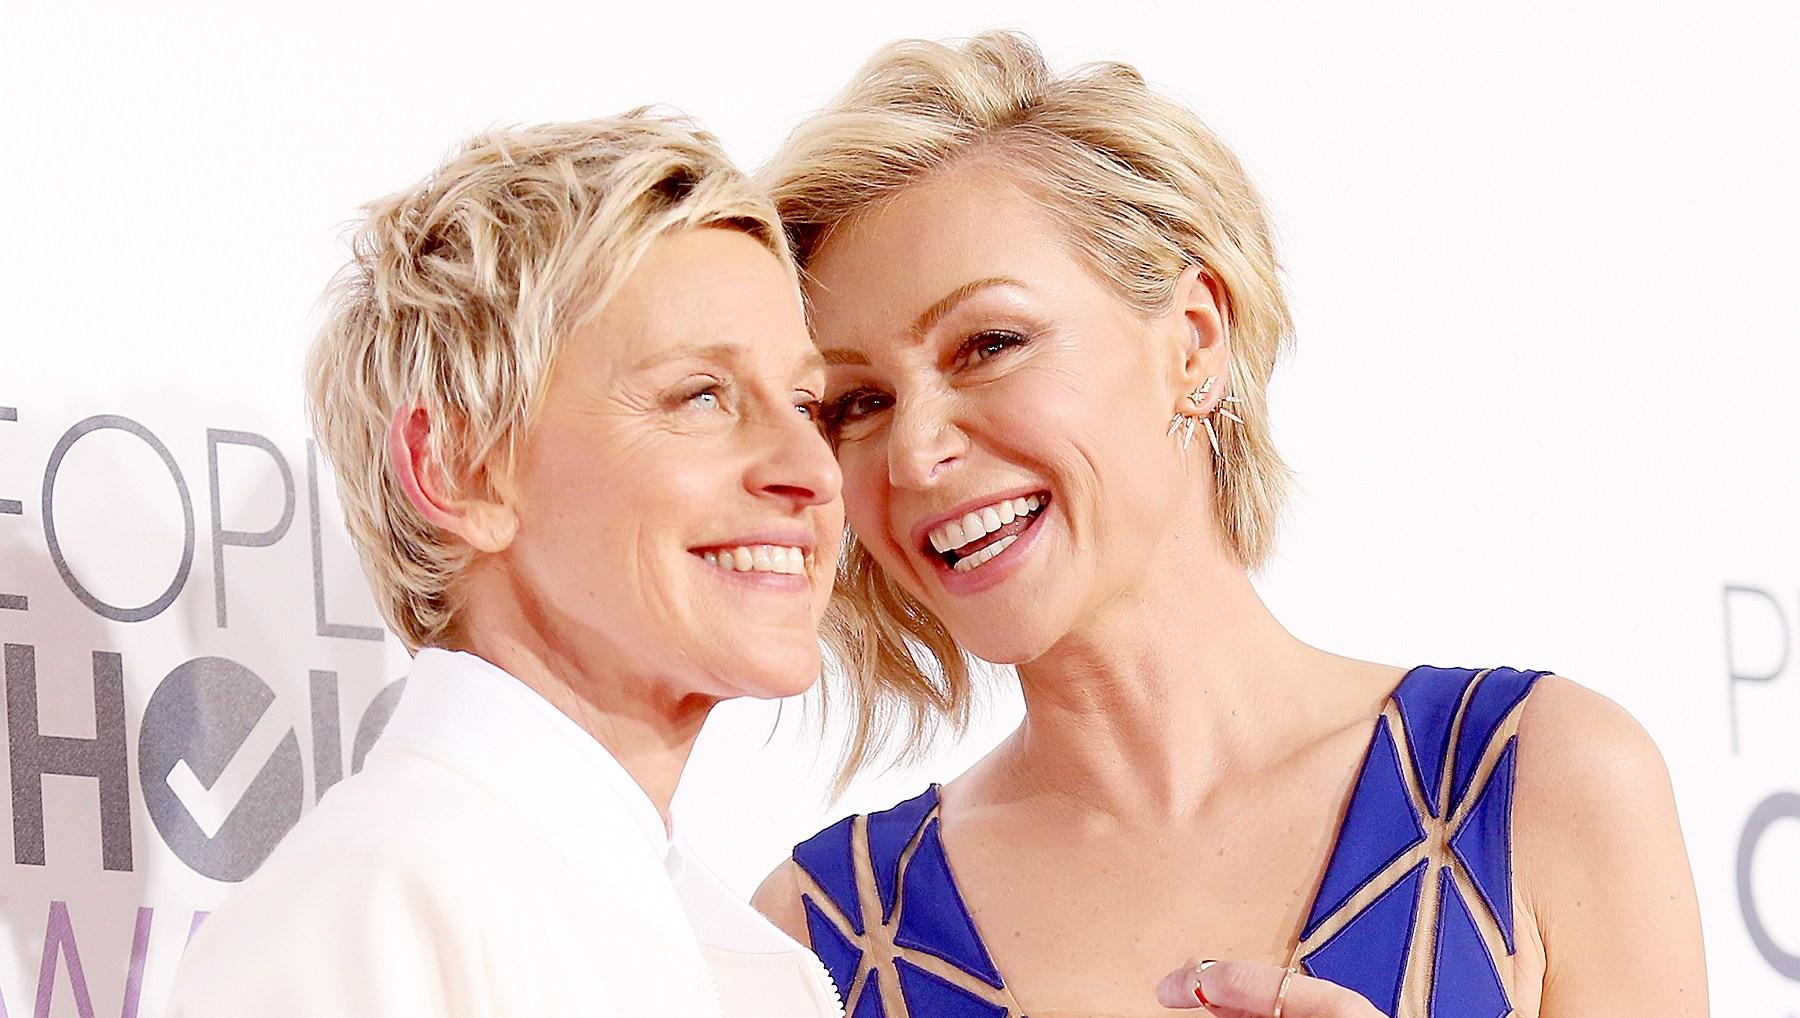 Ellen-DeGeneres-and-Portia-de-Rossi